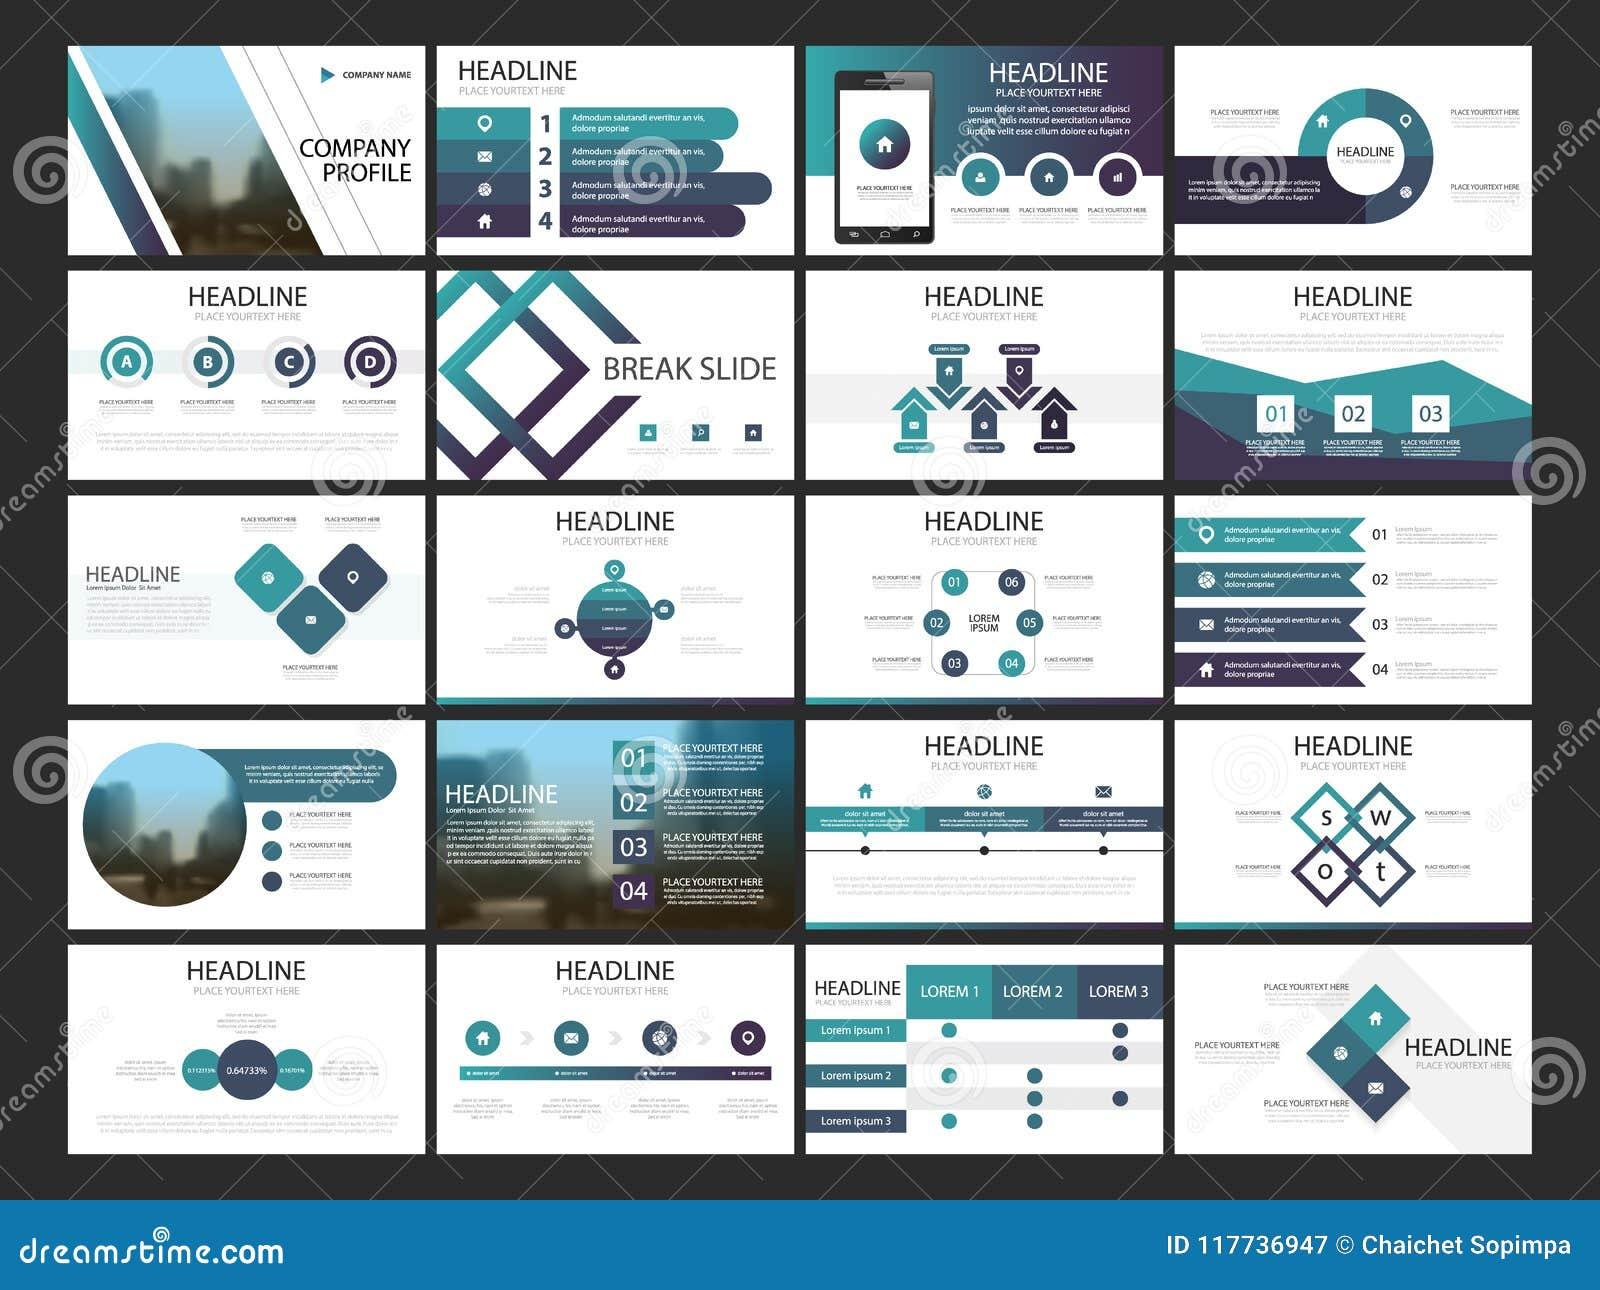 捆绑infographic元素介绍模板 企业年终报告,小册子,传单,广告飞行物,